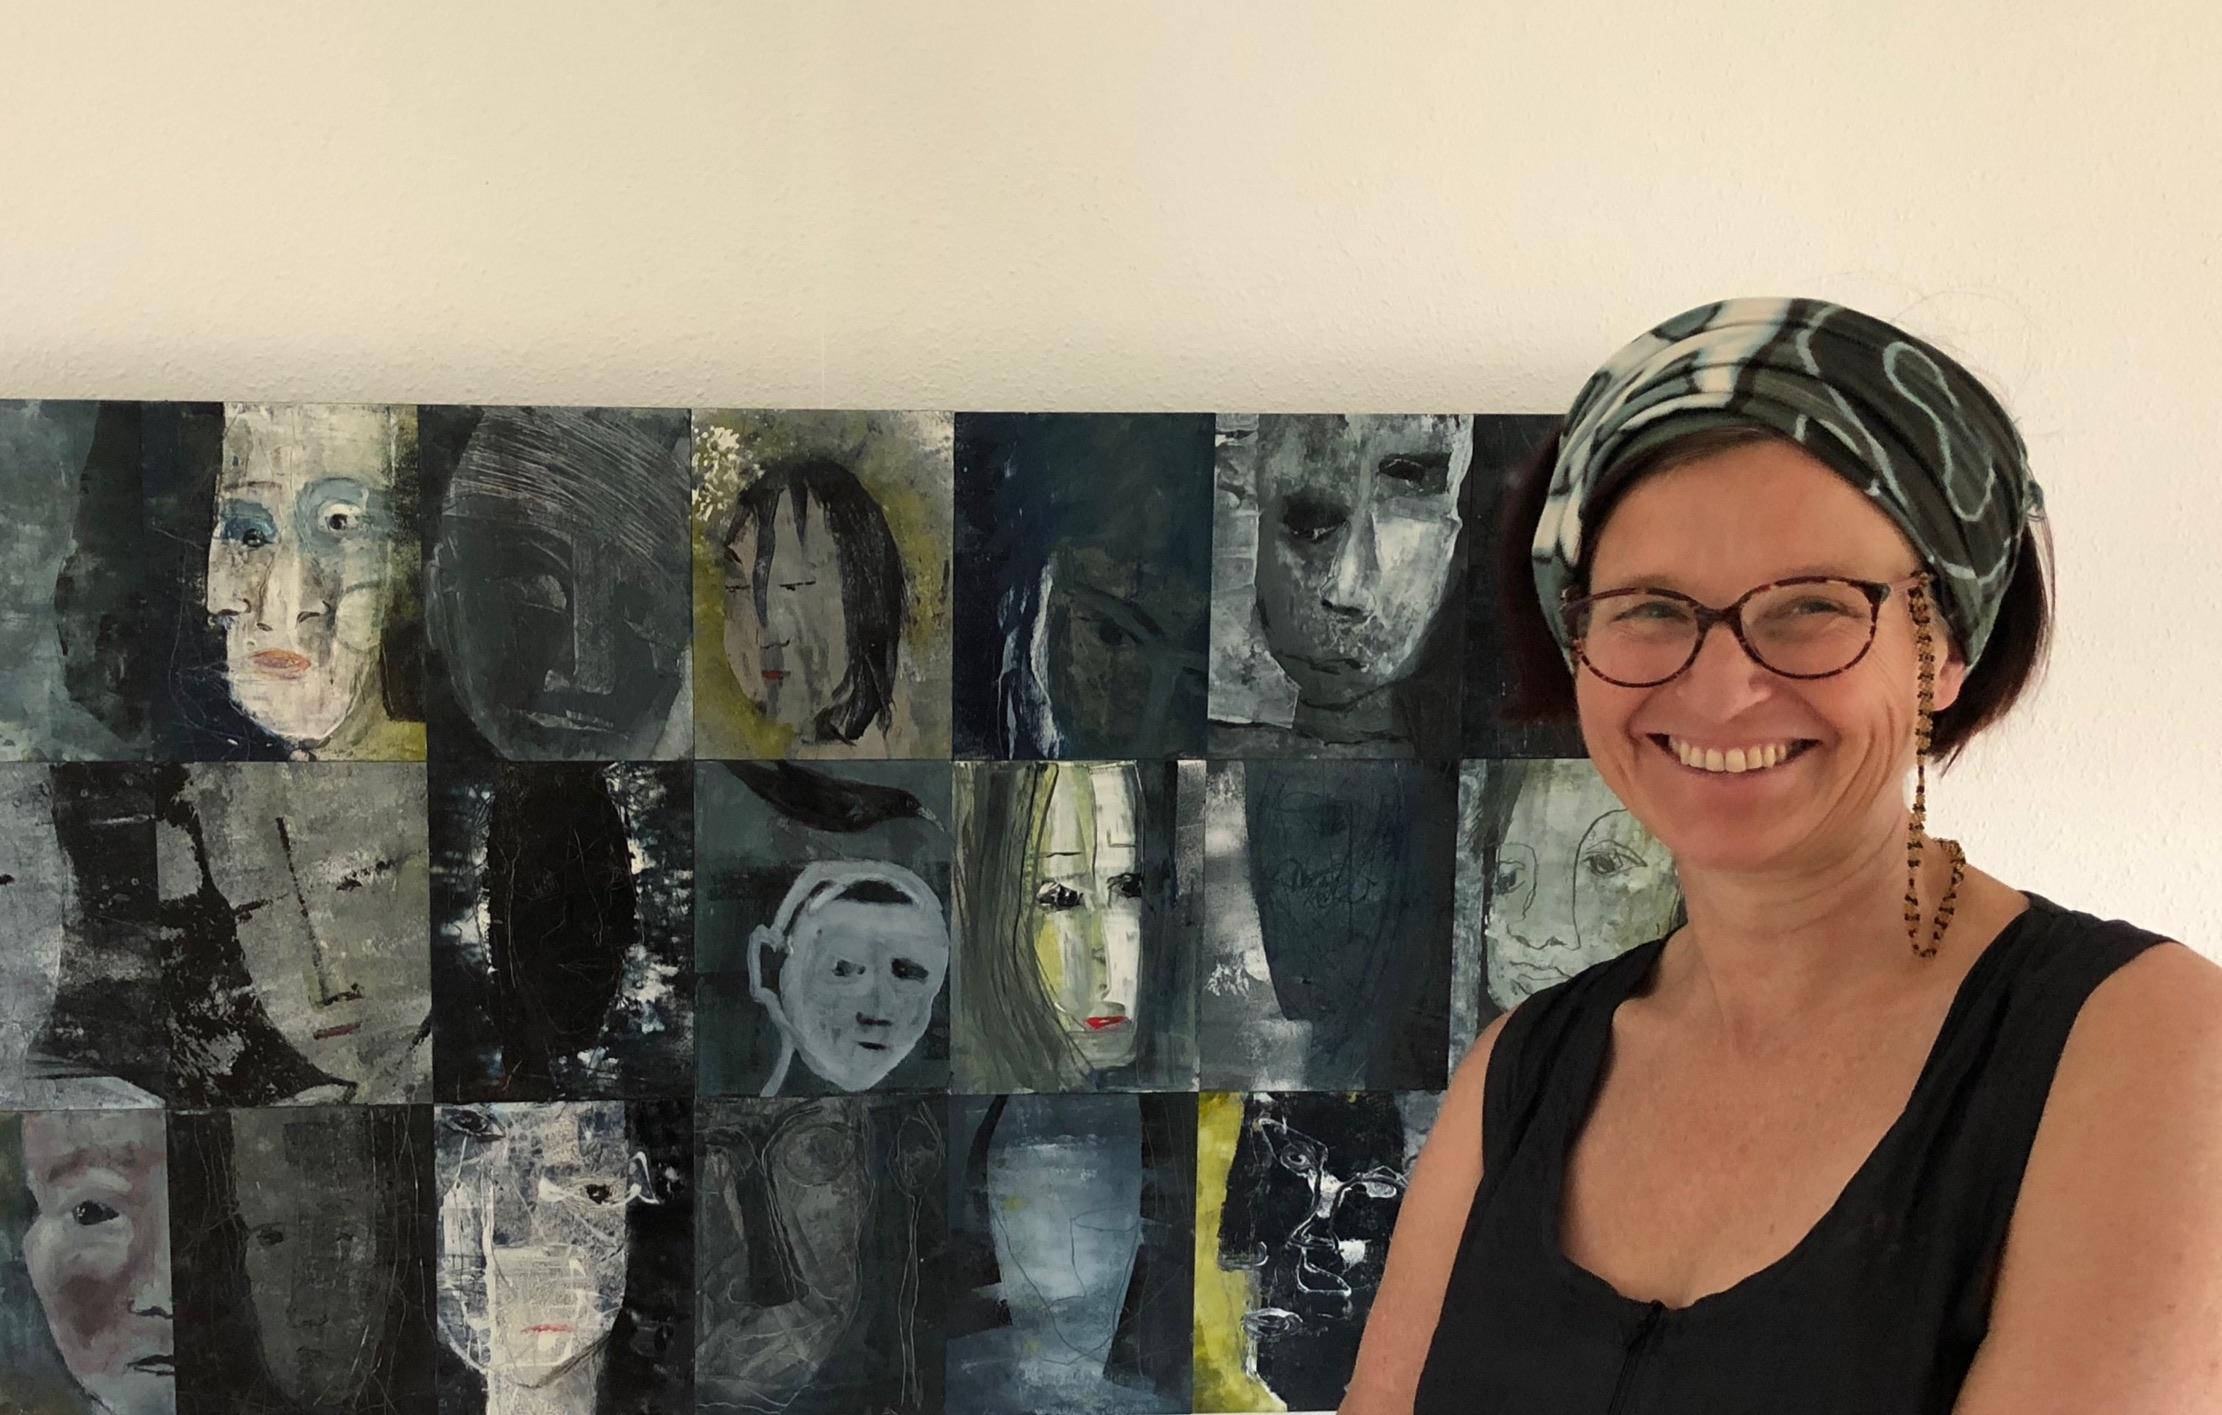 365 zelfportretten gevat in een prachtige uitgave